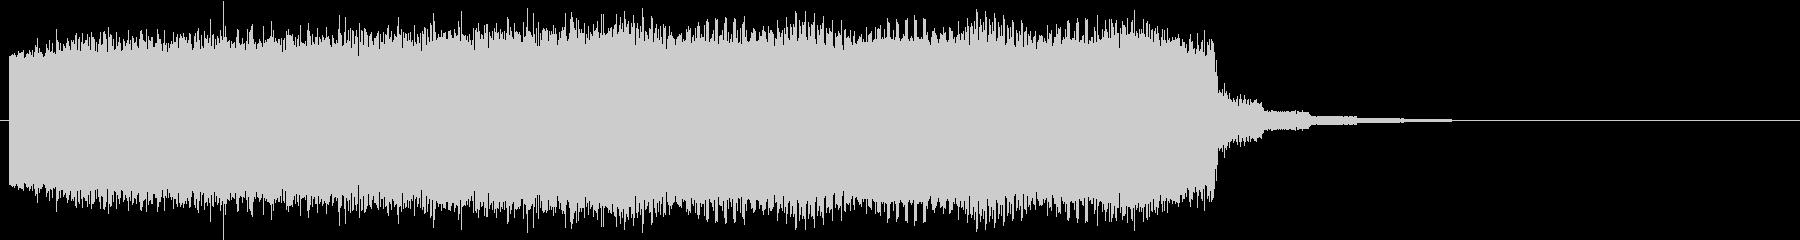 レトロなワープシーン、時をかける系の未再生の波形